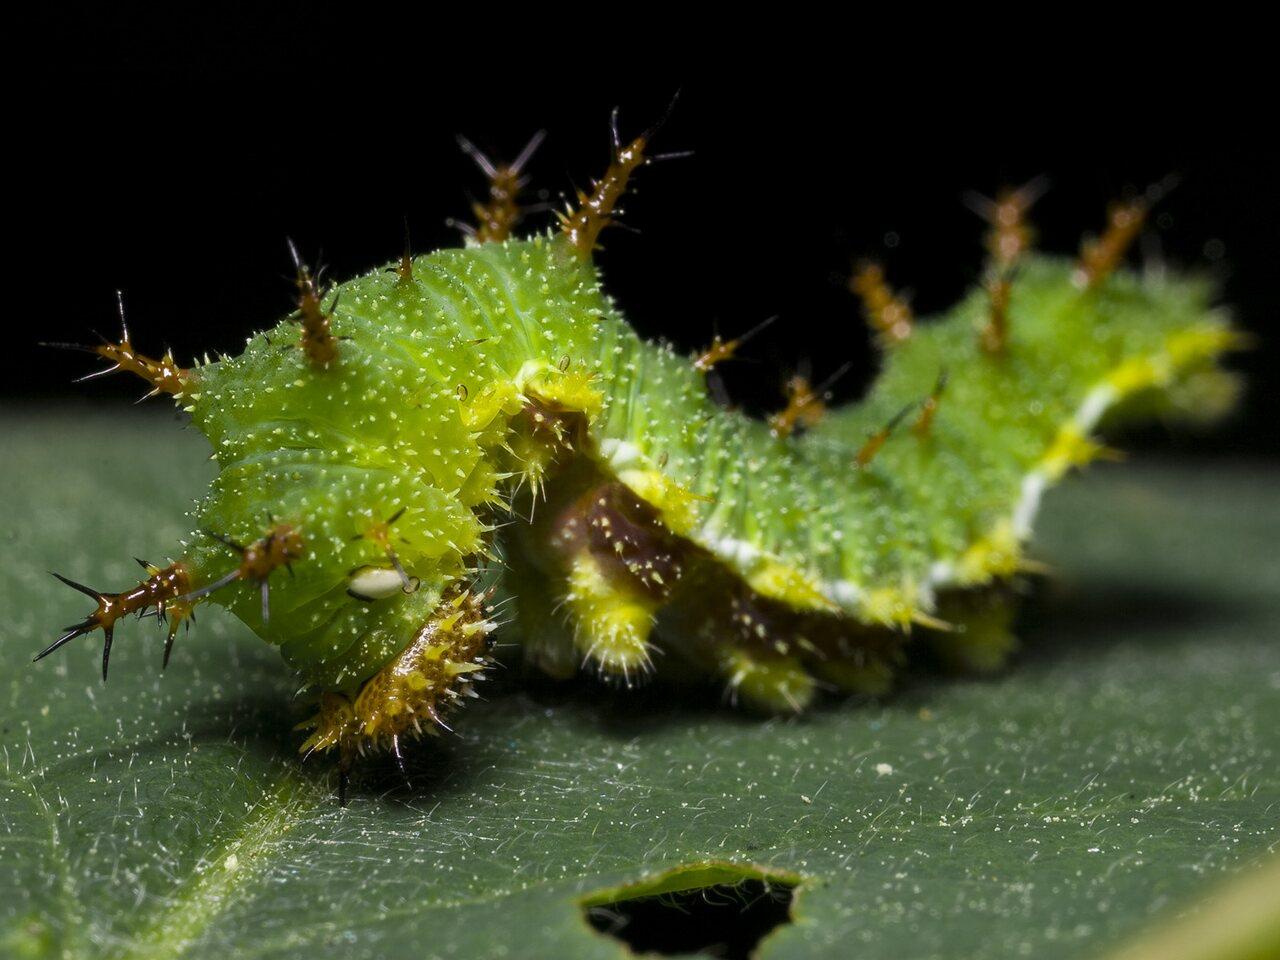 Limenitis-camilla-0010.jpg